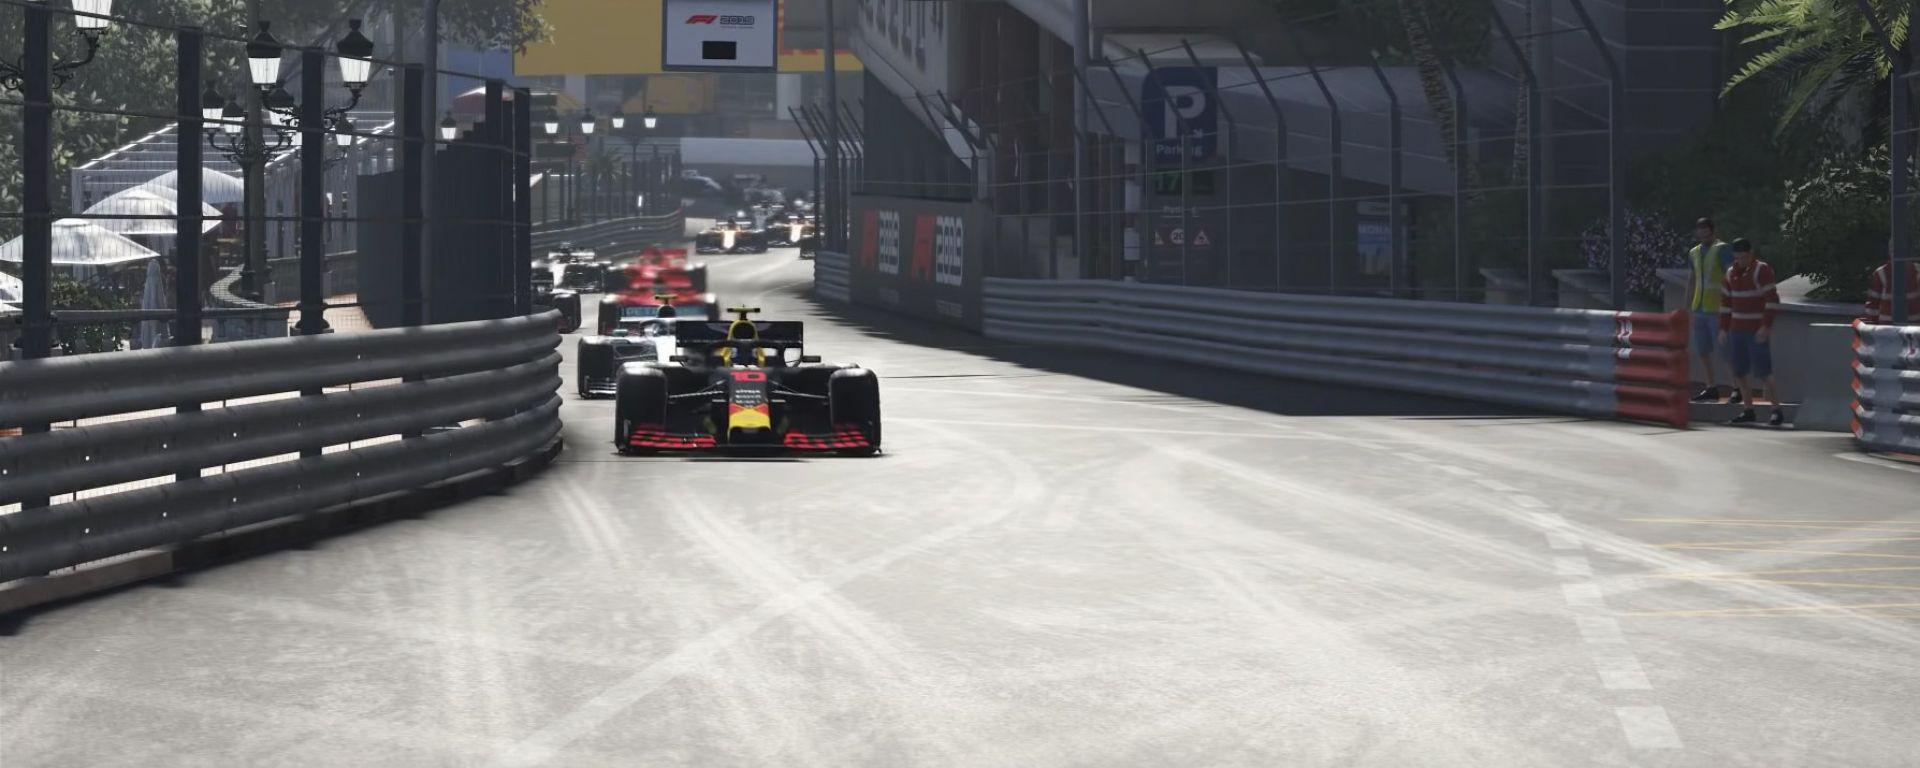 Codemasters F1 2019, la partenza virtuale del Gp di Monaco